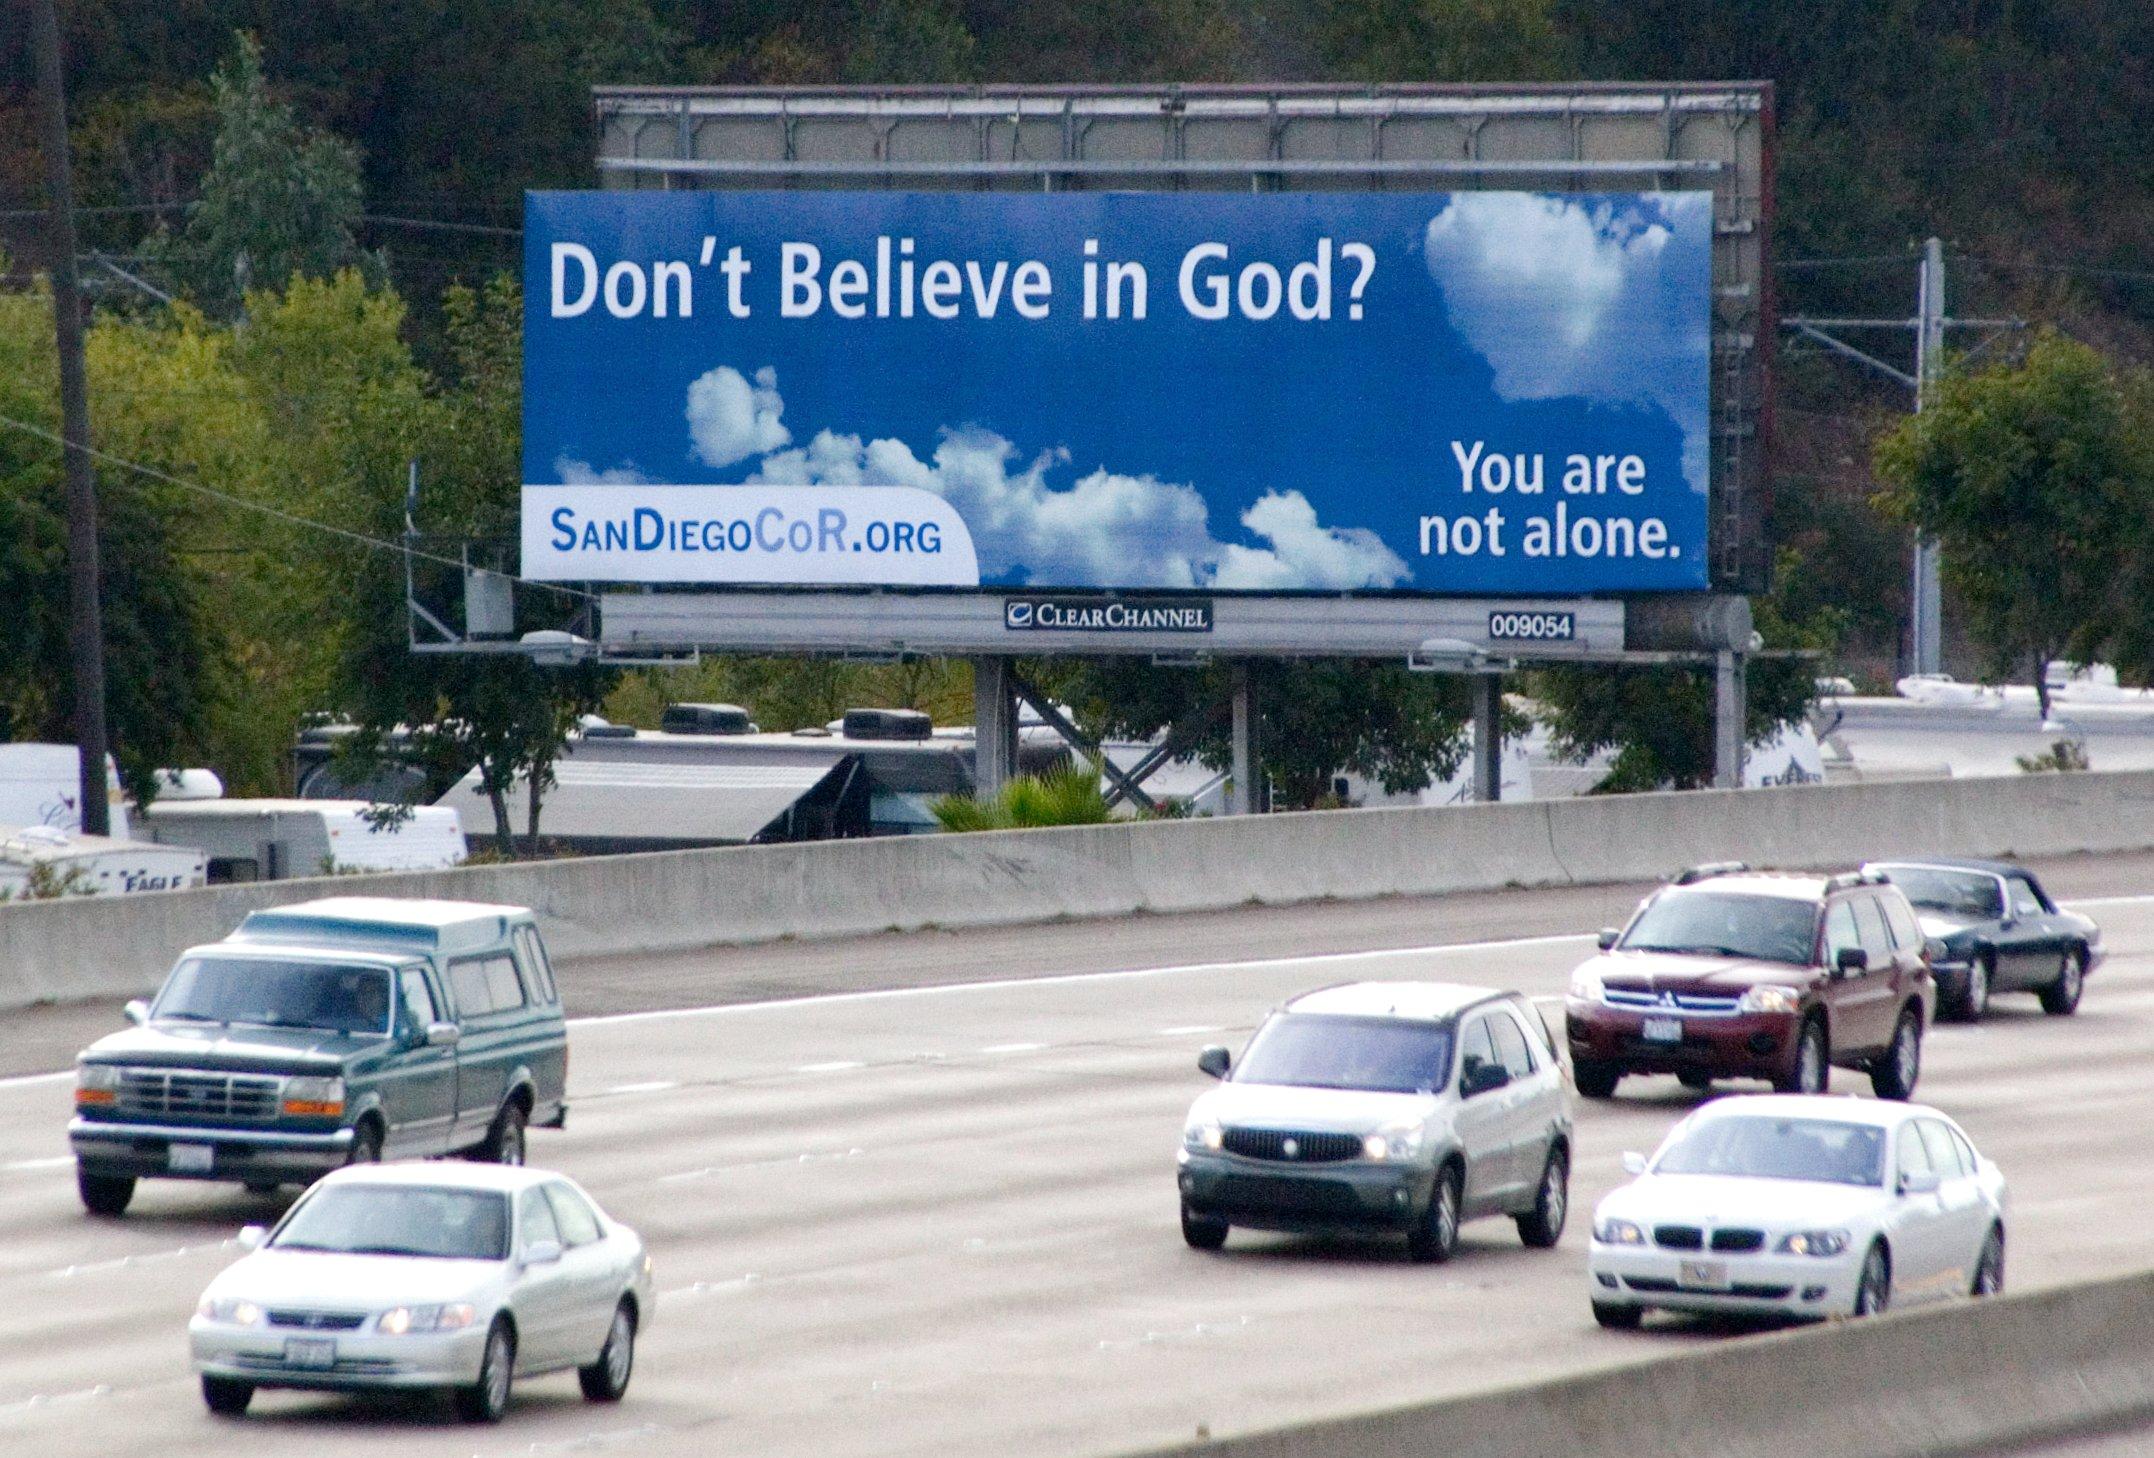 billboard_San_Diego_CoR_hi-res_2